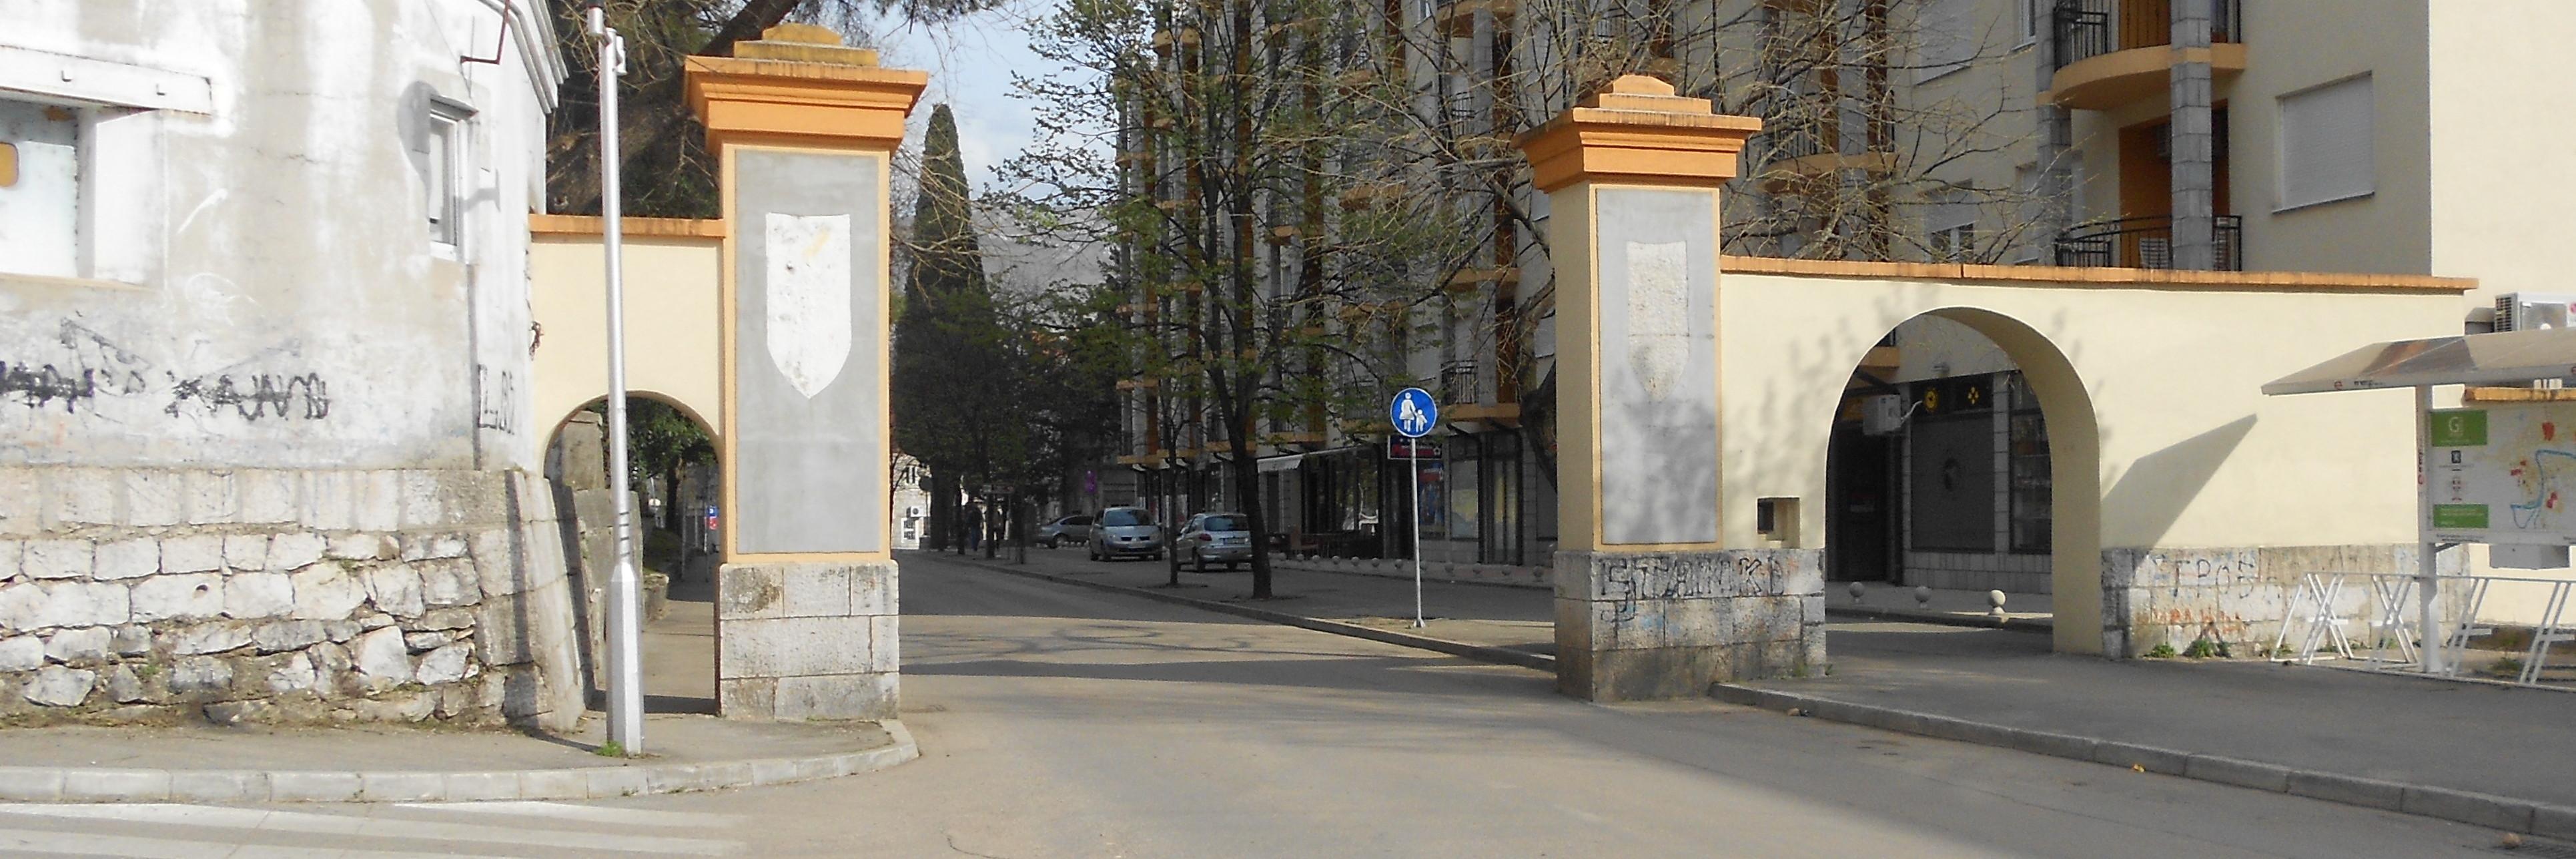 Дубровничские ворота